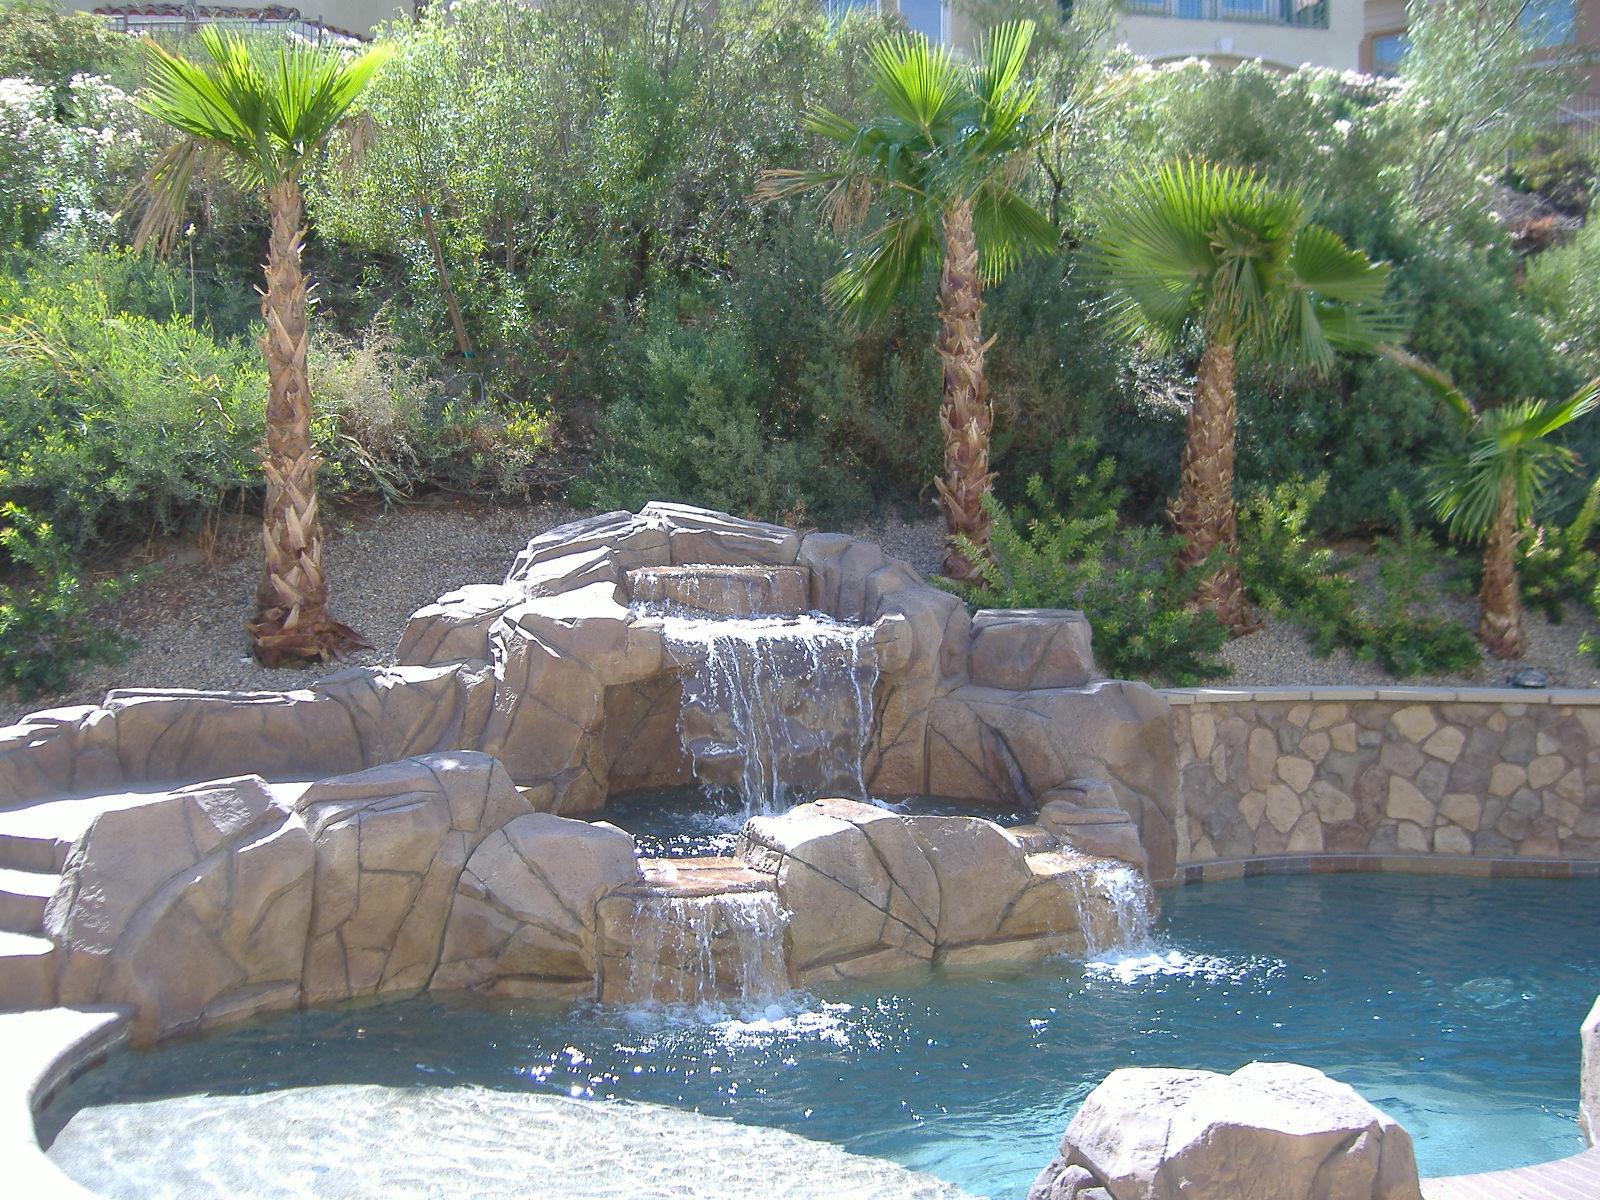 Backyard landscaping ideas in Las Vegas